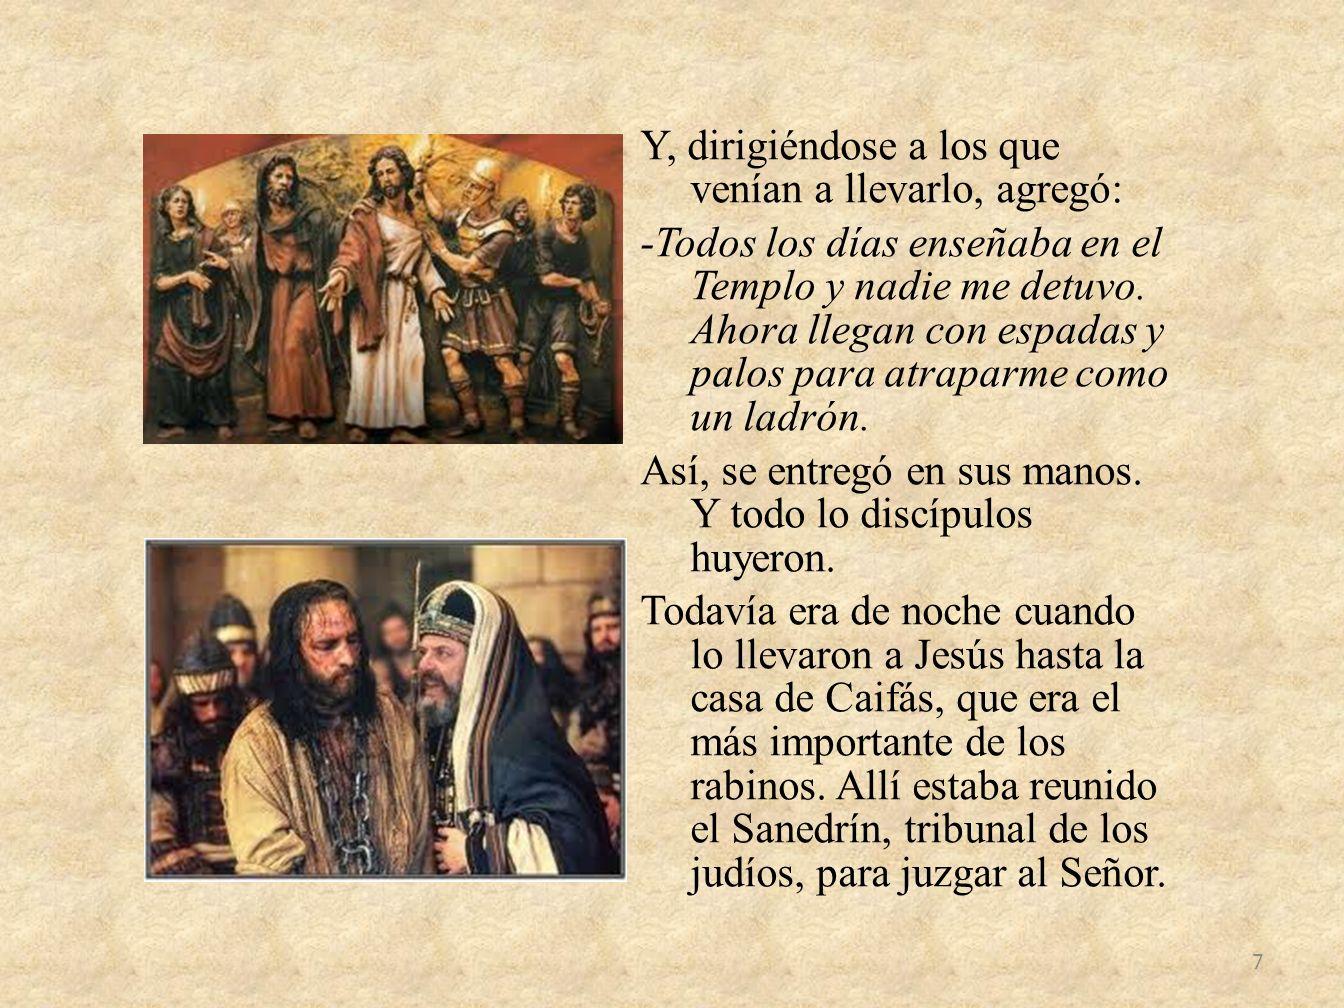 Y, dirigiéndose a los que venían a llevarlo, agregó: -Todos los días enseñaba en el Templo y nadie me detuvo.